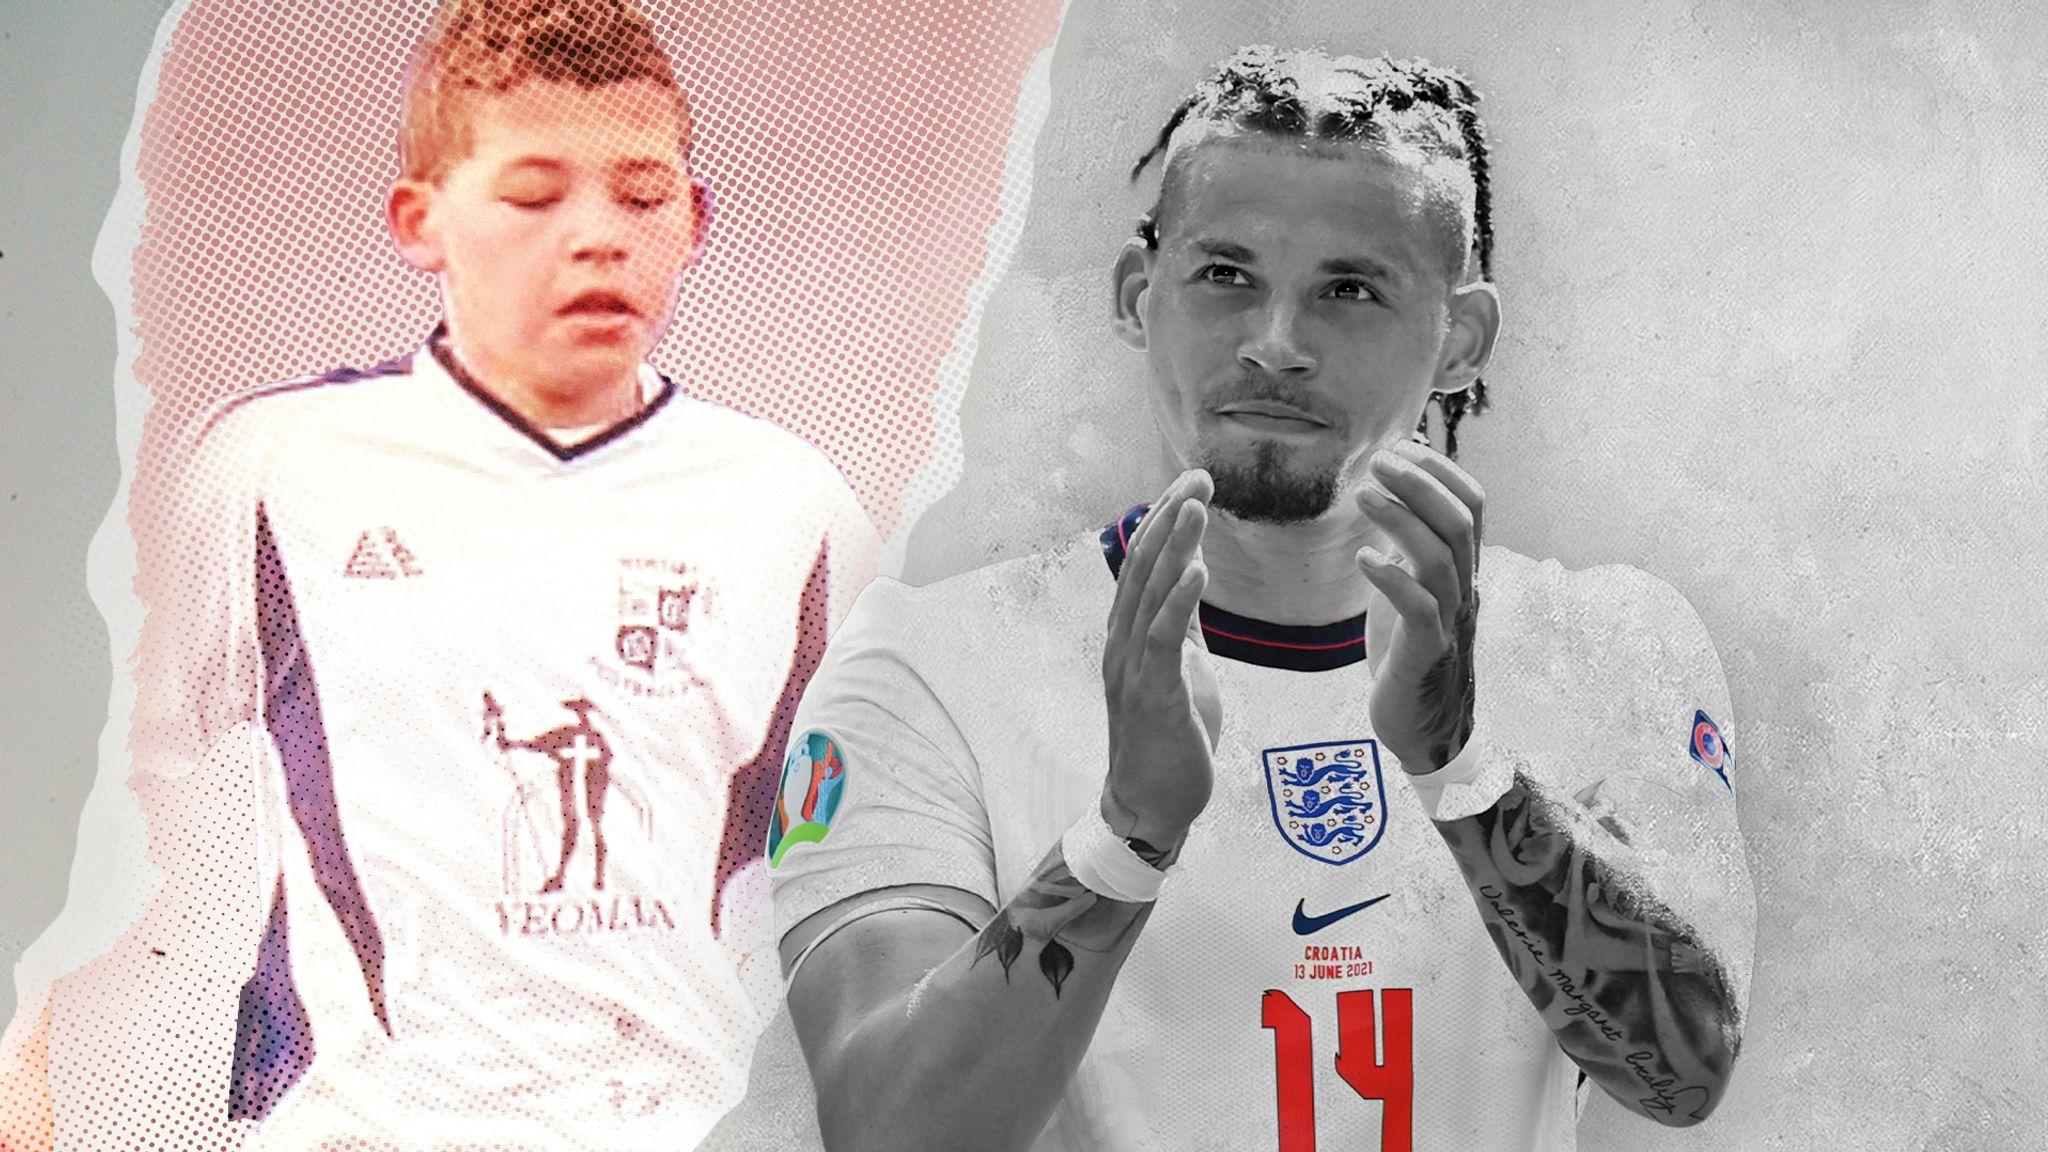 Philipps tiến một bước dài từ cậu bé có hoàn cảnh khó khăn ở Wortley đến vị thế trụ cột không thể thay thế của tuyển Anh hiện tại. Ảnh: Sky Sports